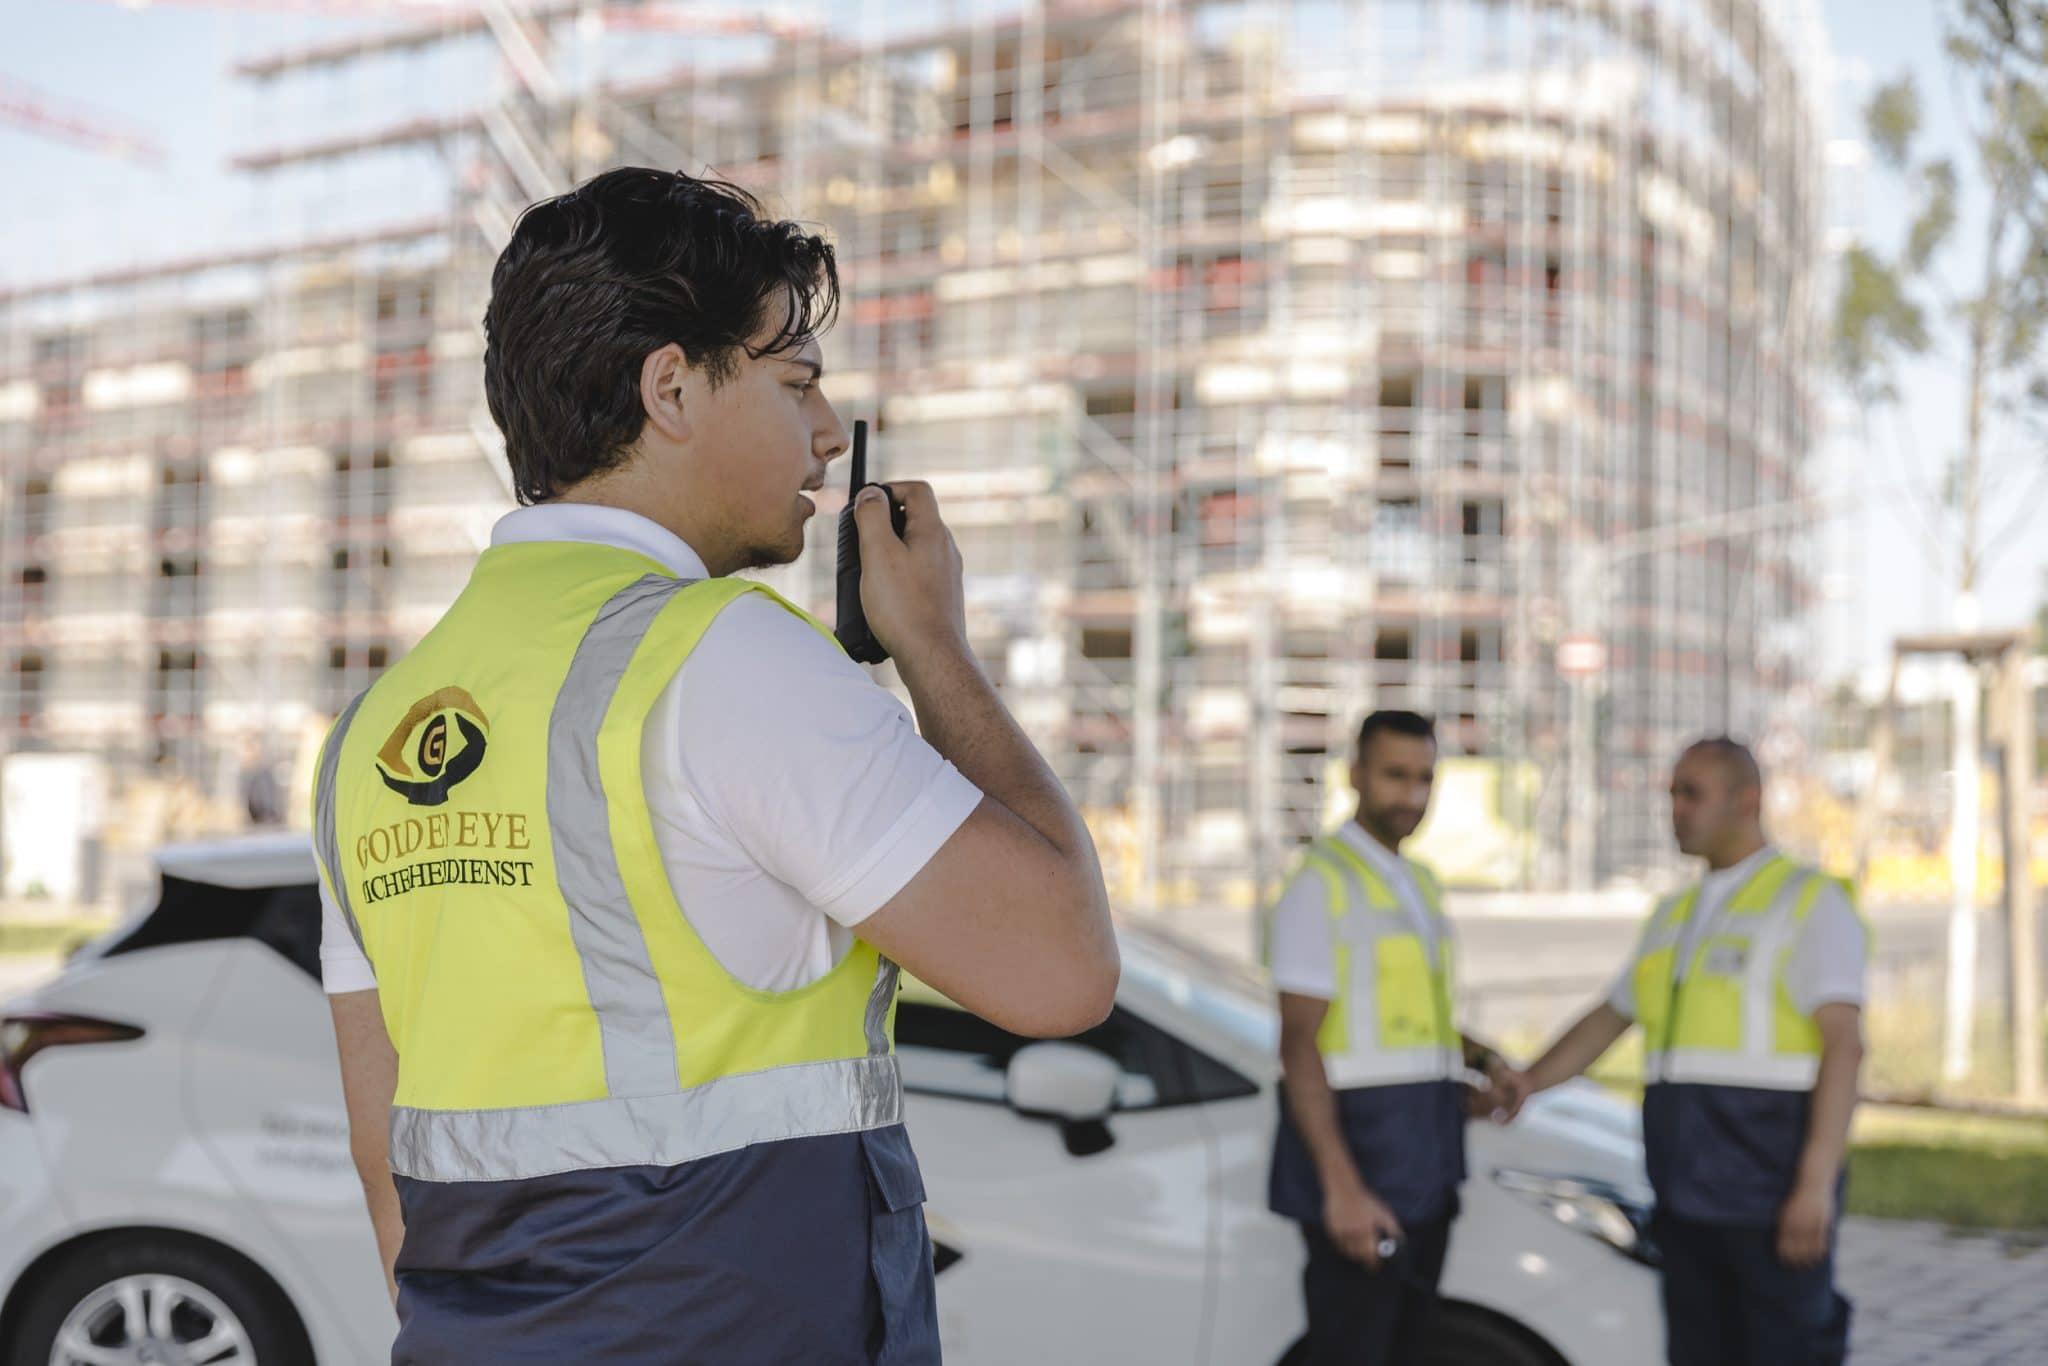 Diebstahlschutz auf Ihrer Baustelle: So geht's